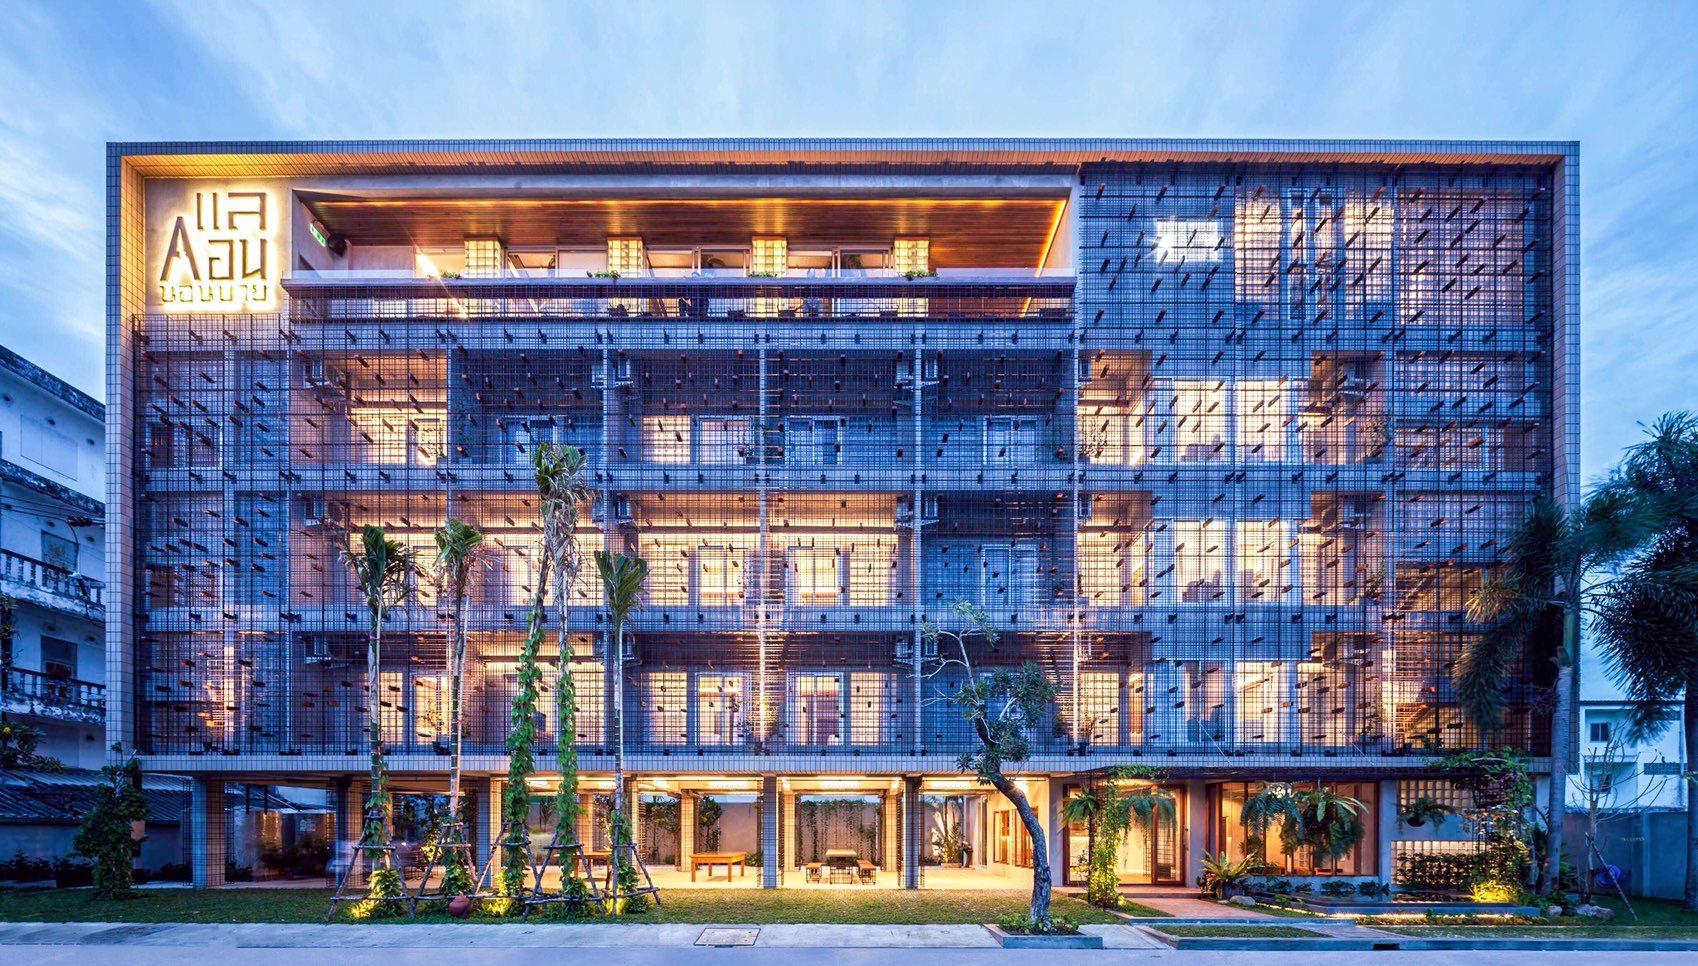 โรงแรมแลคอนนอนบาย สุดยอดโรงแรมแห่งสถาปัตยกรรมการออกแบบ นครศรีธรรมราช นครศรีดีย์